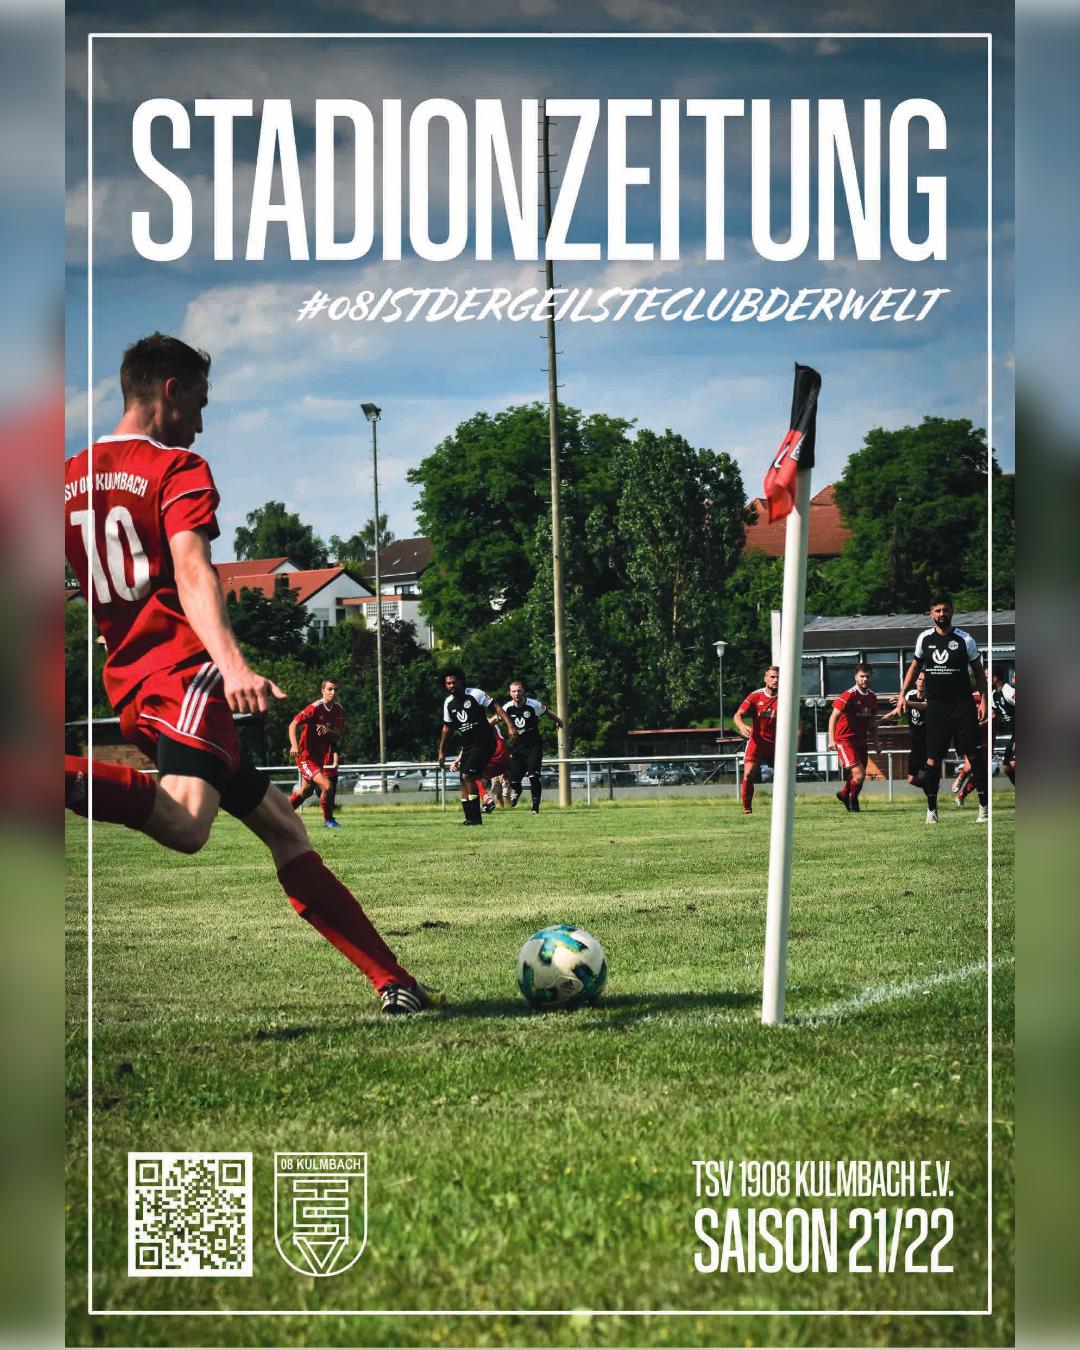 Stadionzeitung 1.Spieltag